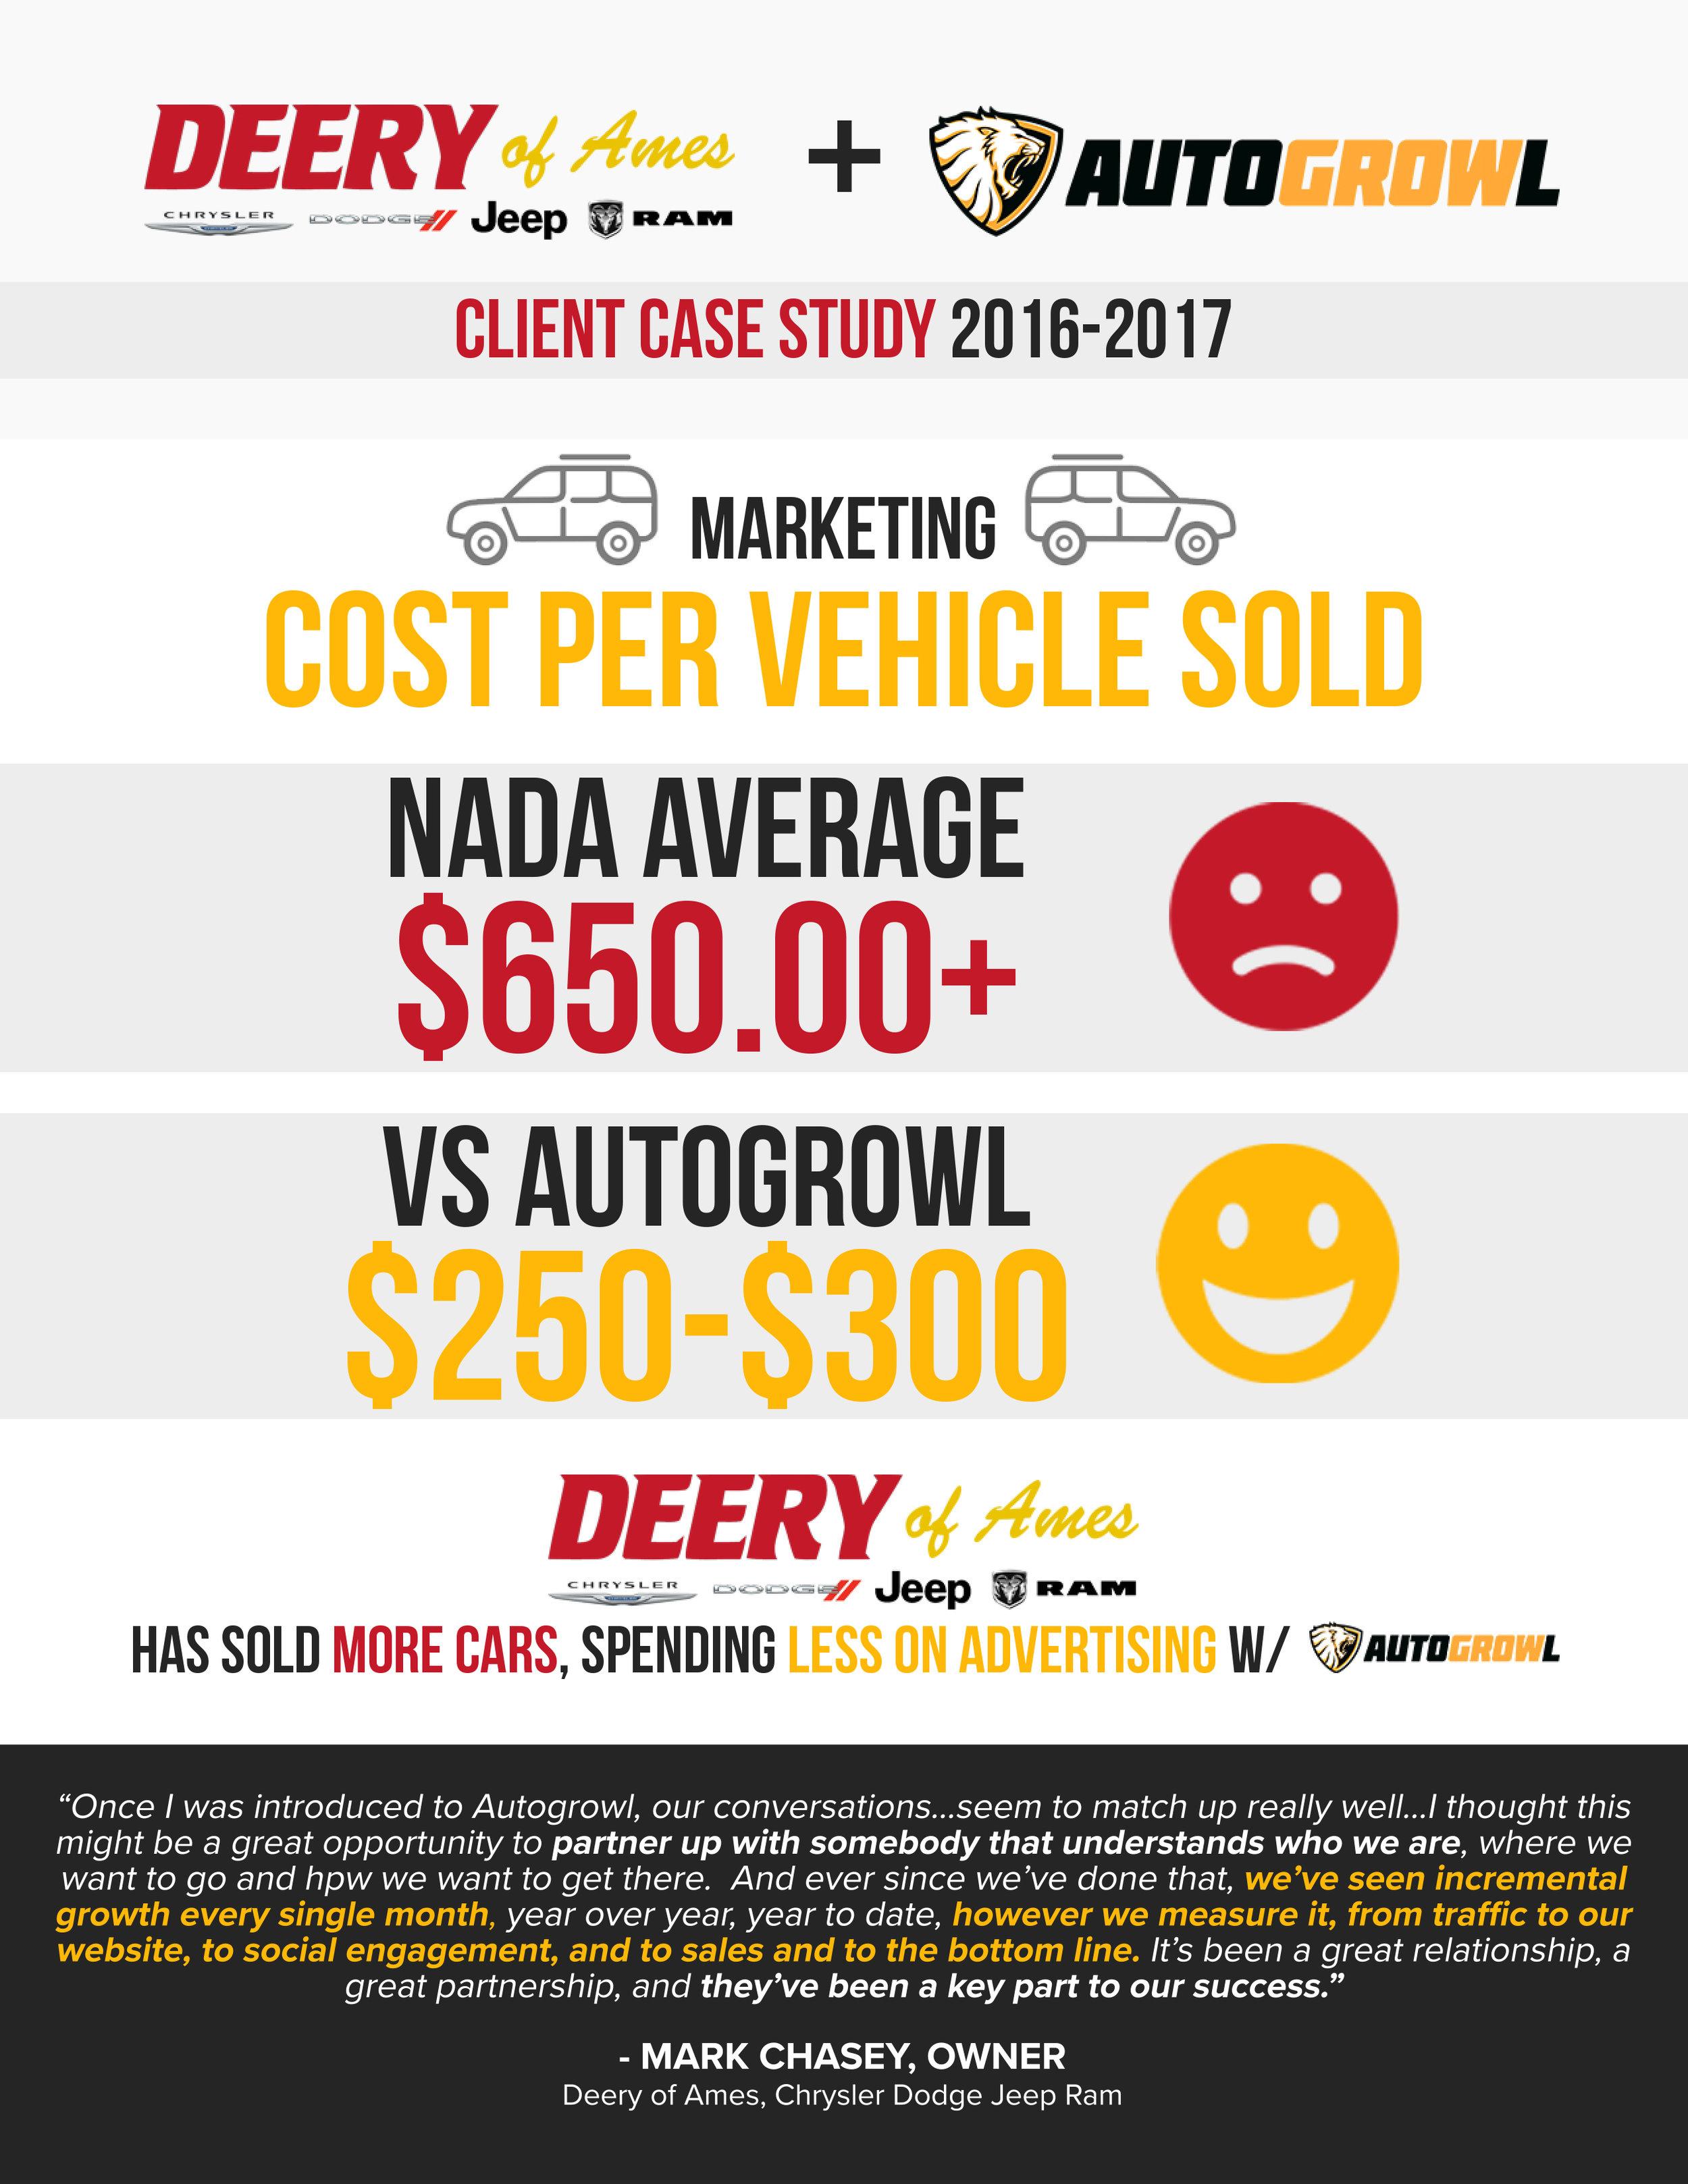 Autogrowl_DeeryAmesCaseStudy_Cost.jpg